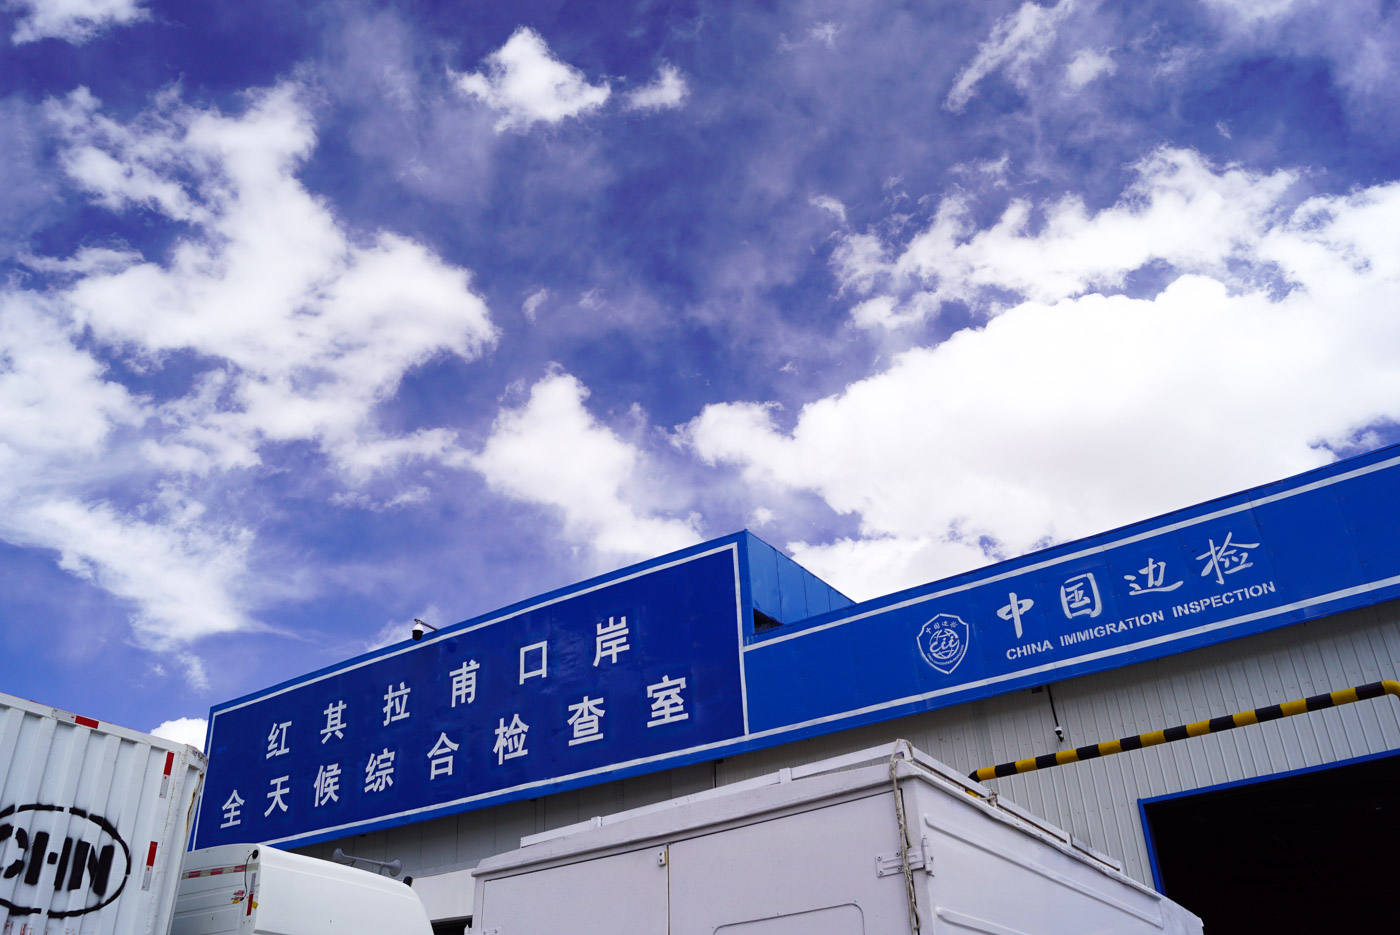 """Zu sehen ist das Kontrollgebäude am Khunjerab Pass, auf dem blauen Dach sind chinesische Schriftzeichen in der Mitte zu sehen rechts davon steht """"China Immigration inspection""""."""